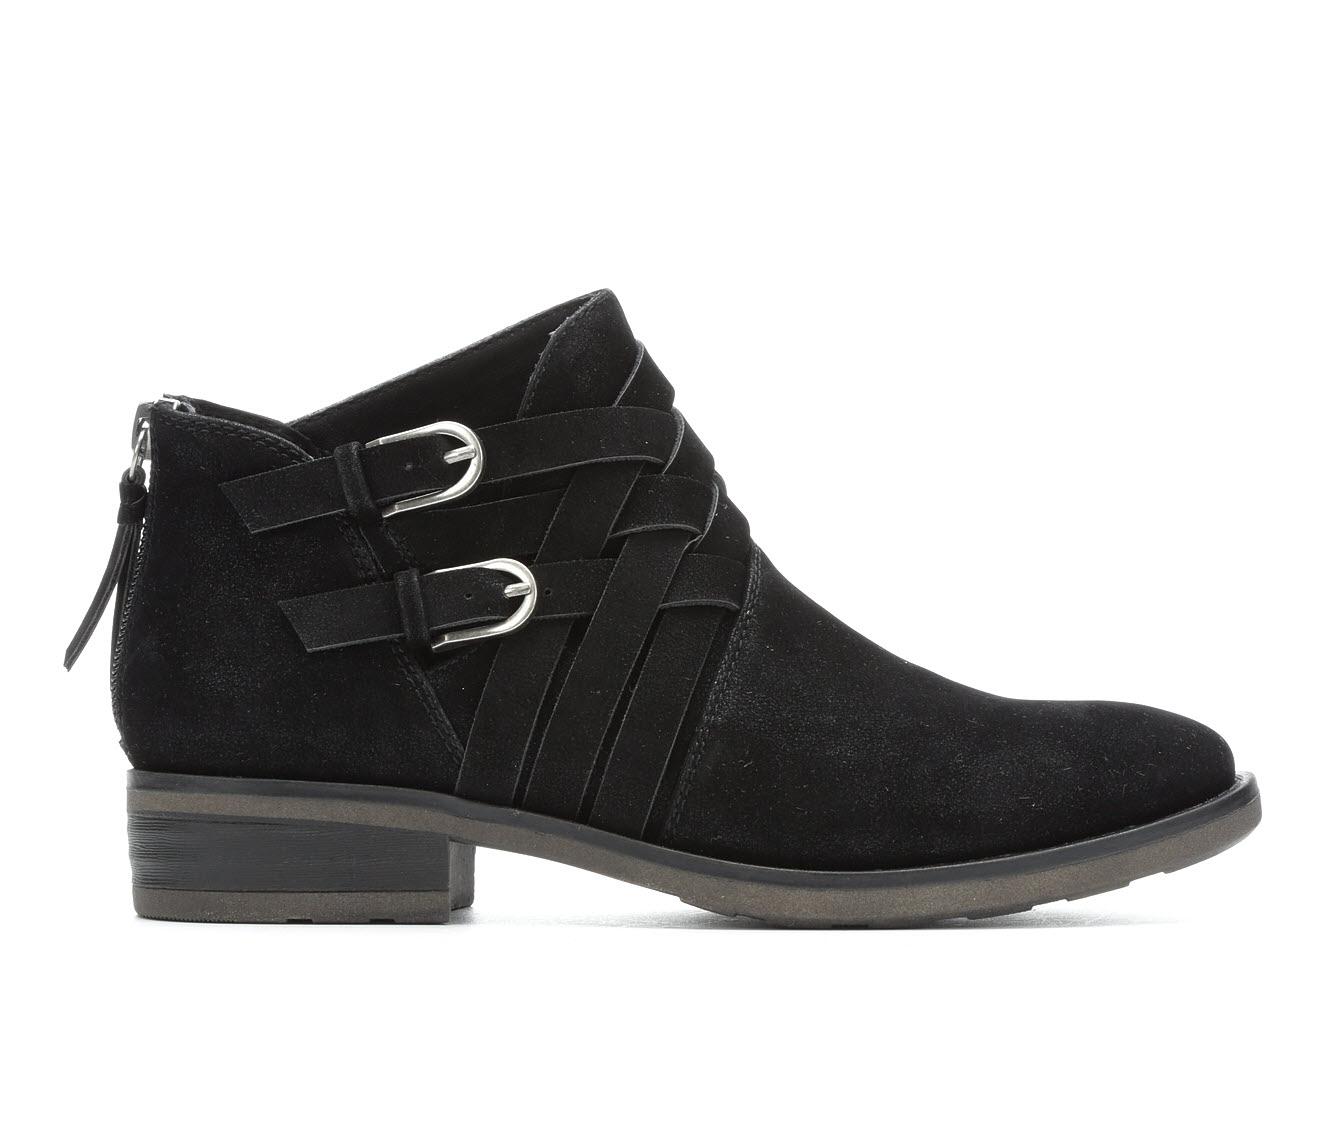 Baretraps Atticus Women's Boot (Black Faux Leather)